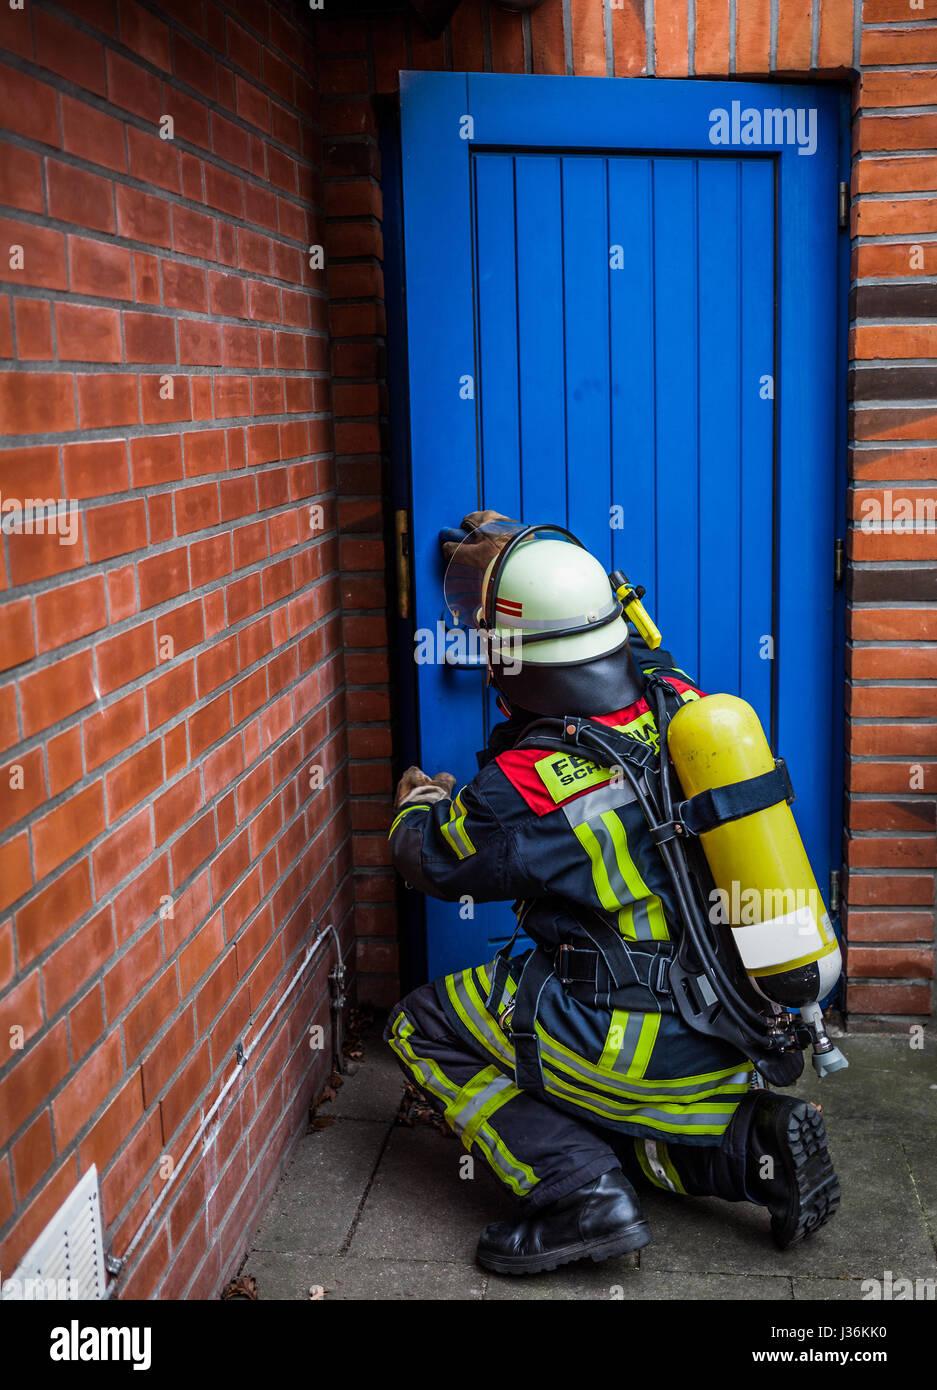 Feuerwehrmann öffnet eine Tür in Aktion mit Sauerstoffflasche und Atemschutz Maske - HDR Stockbild